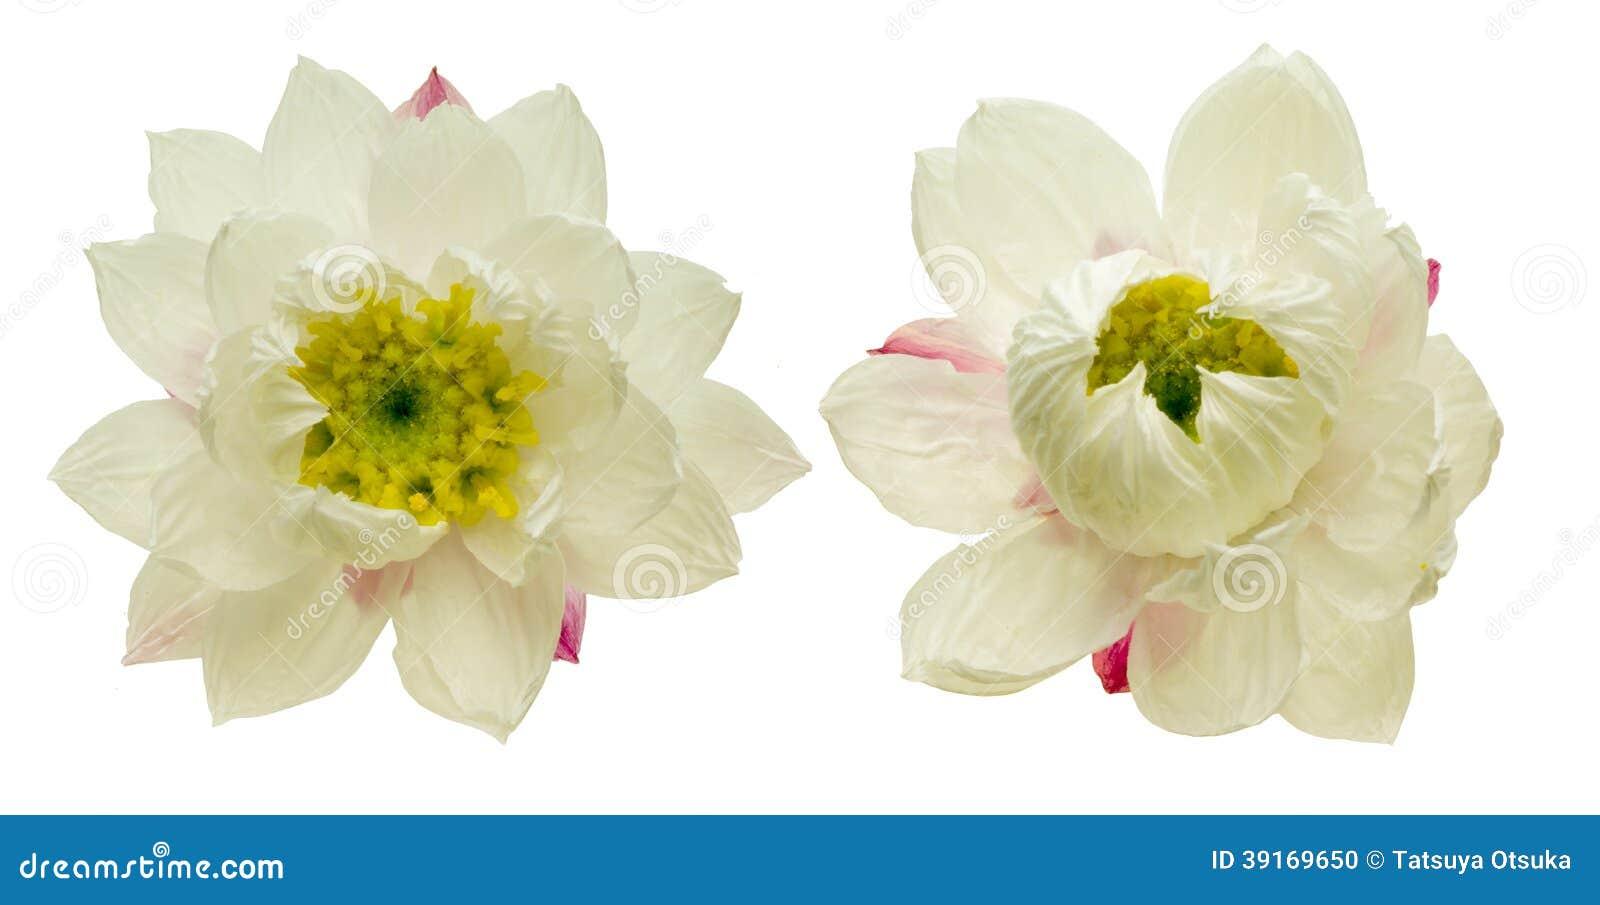 纸雏菊头状花序